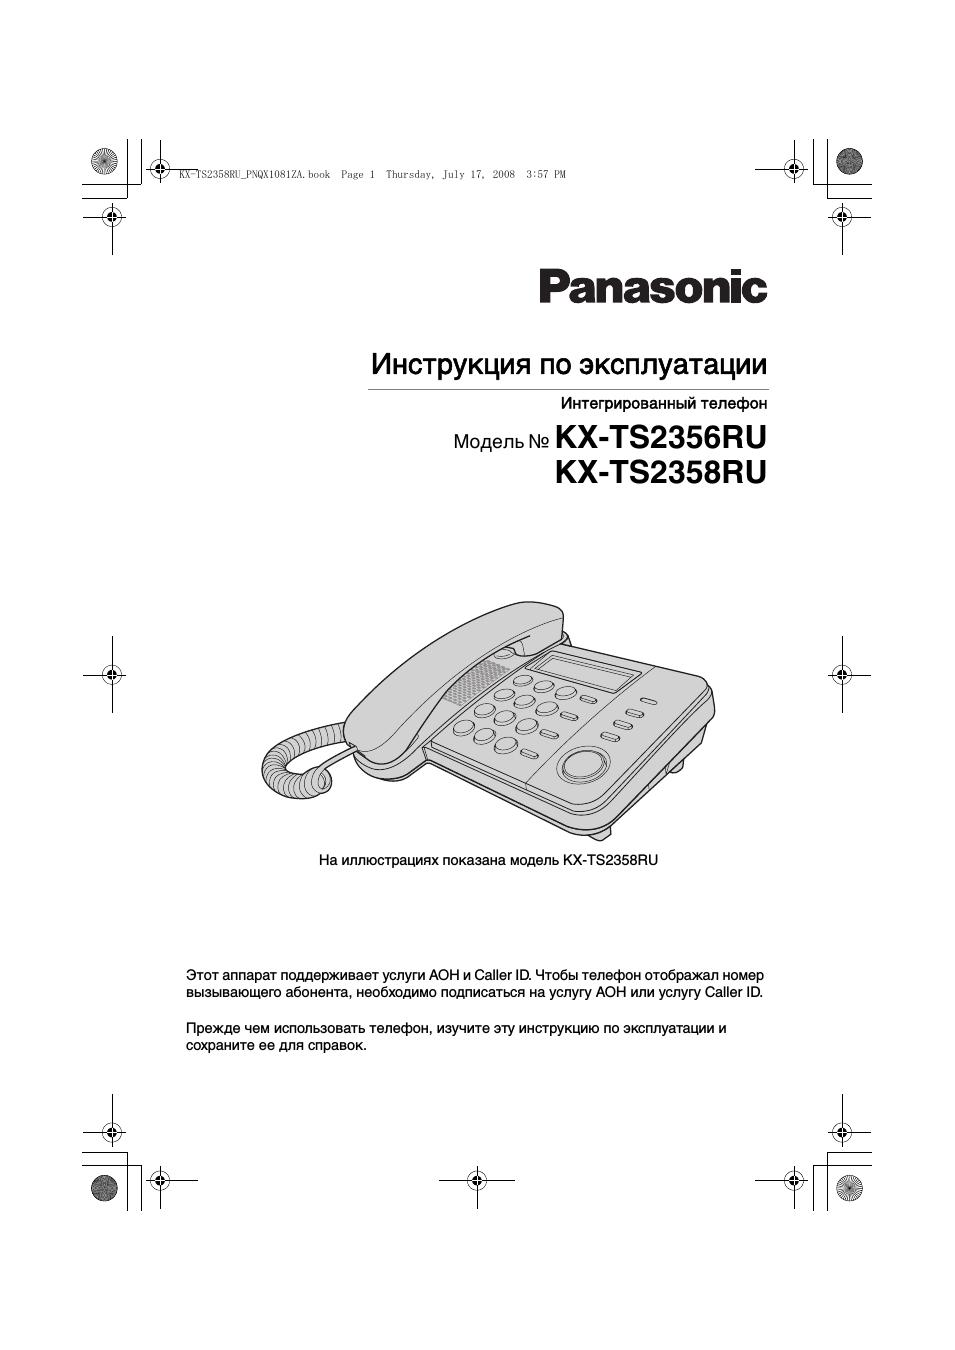 PM Panasonic Инструкция no эксплуатации Интегрированный тел.